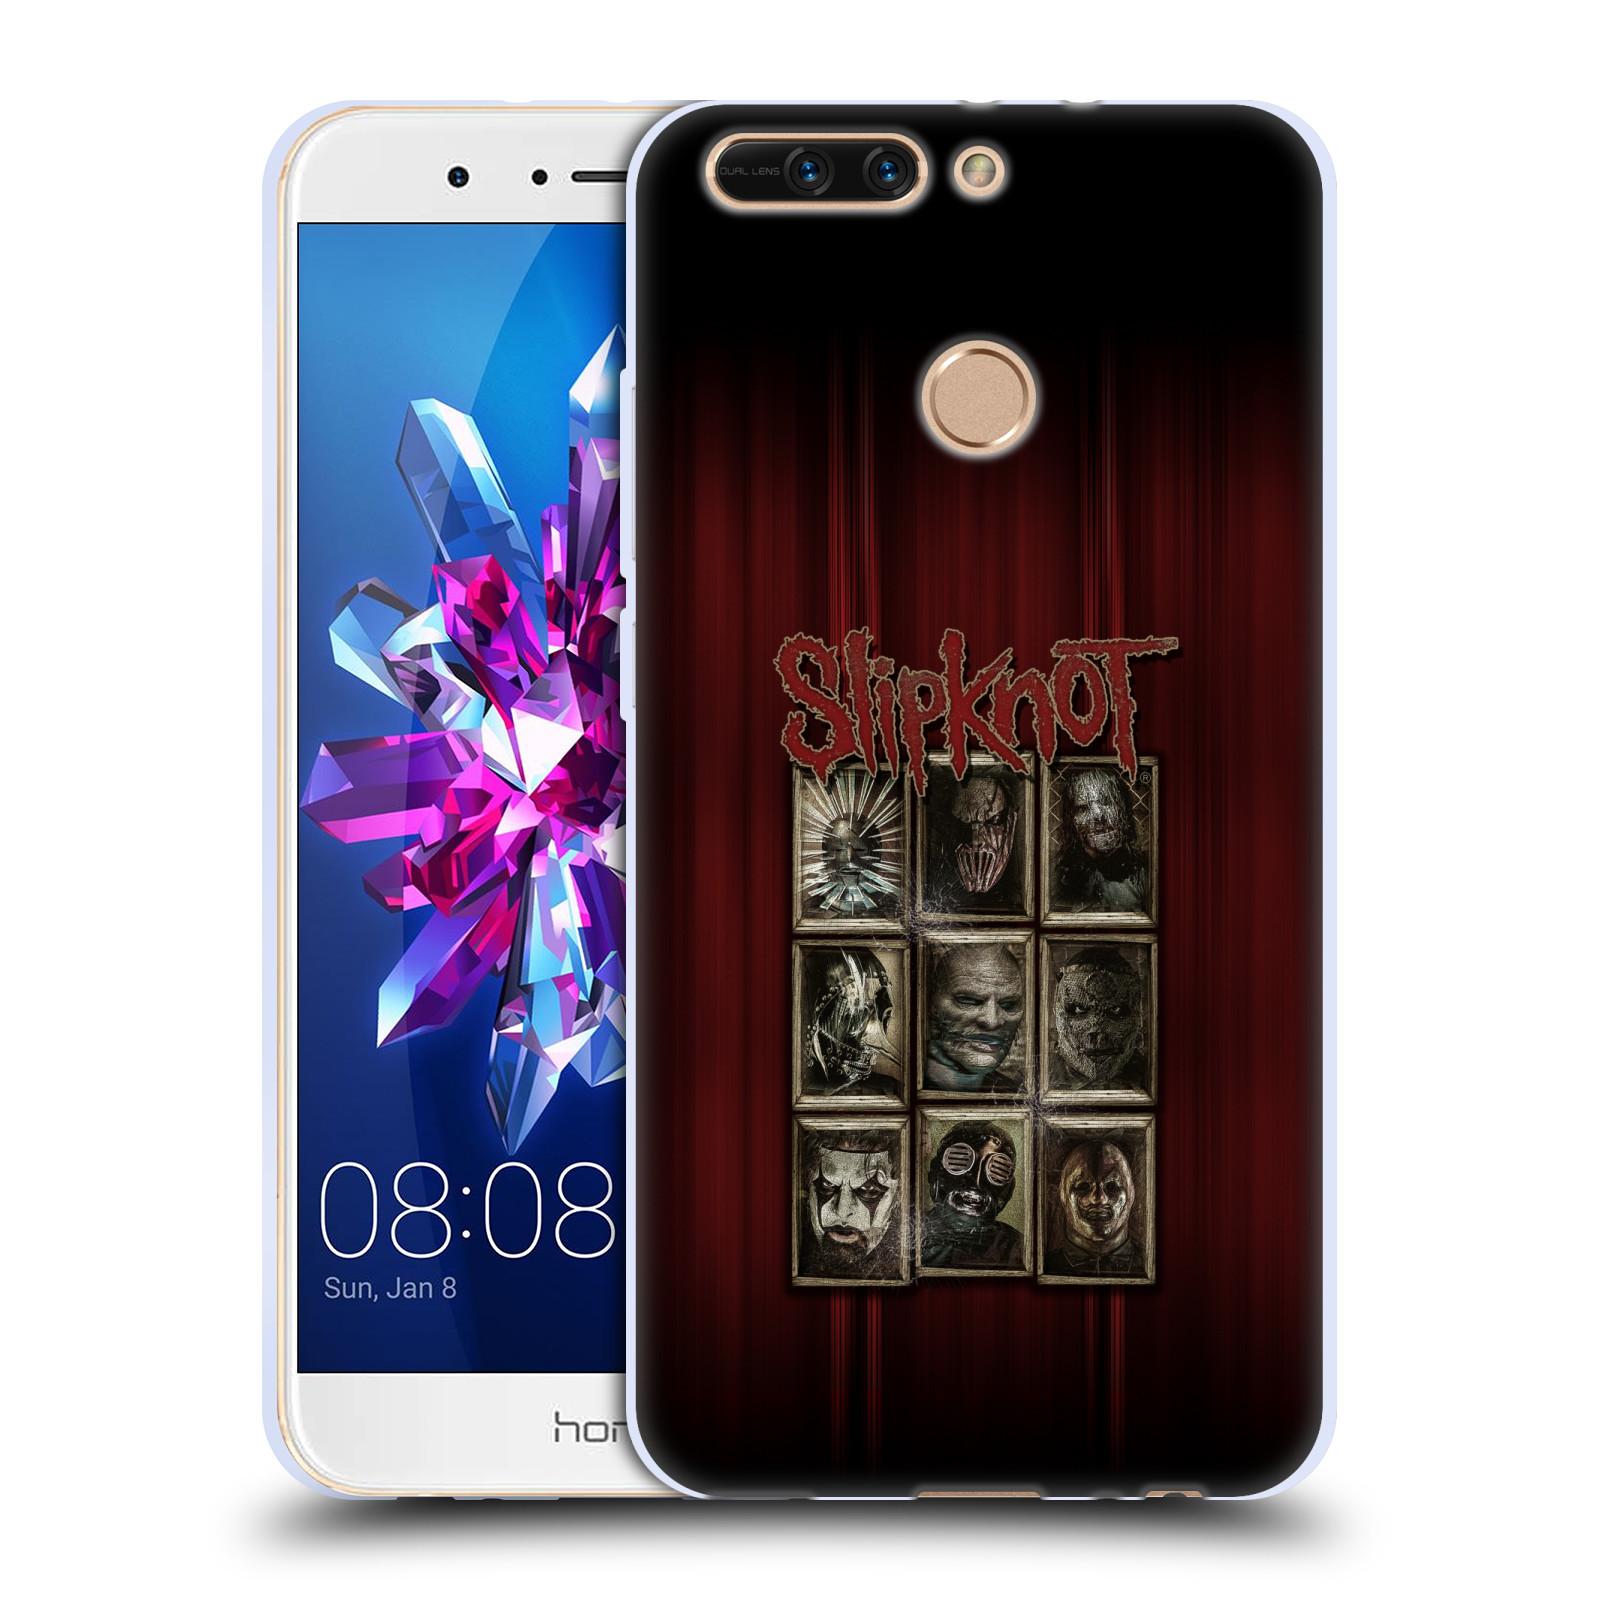 Silikonové pouzdro na mobil Honor 8 Pro - Head Case - Slipknot - Masky (Silikonový kryt či obal na mobilní telefon Honor 8 Pro s motivem Slipknot - Masky)